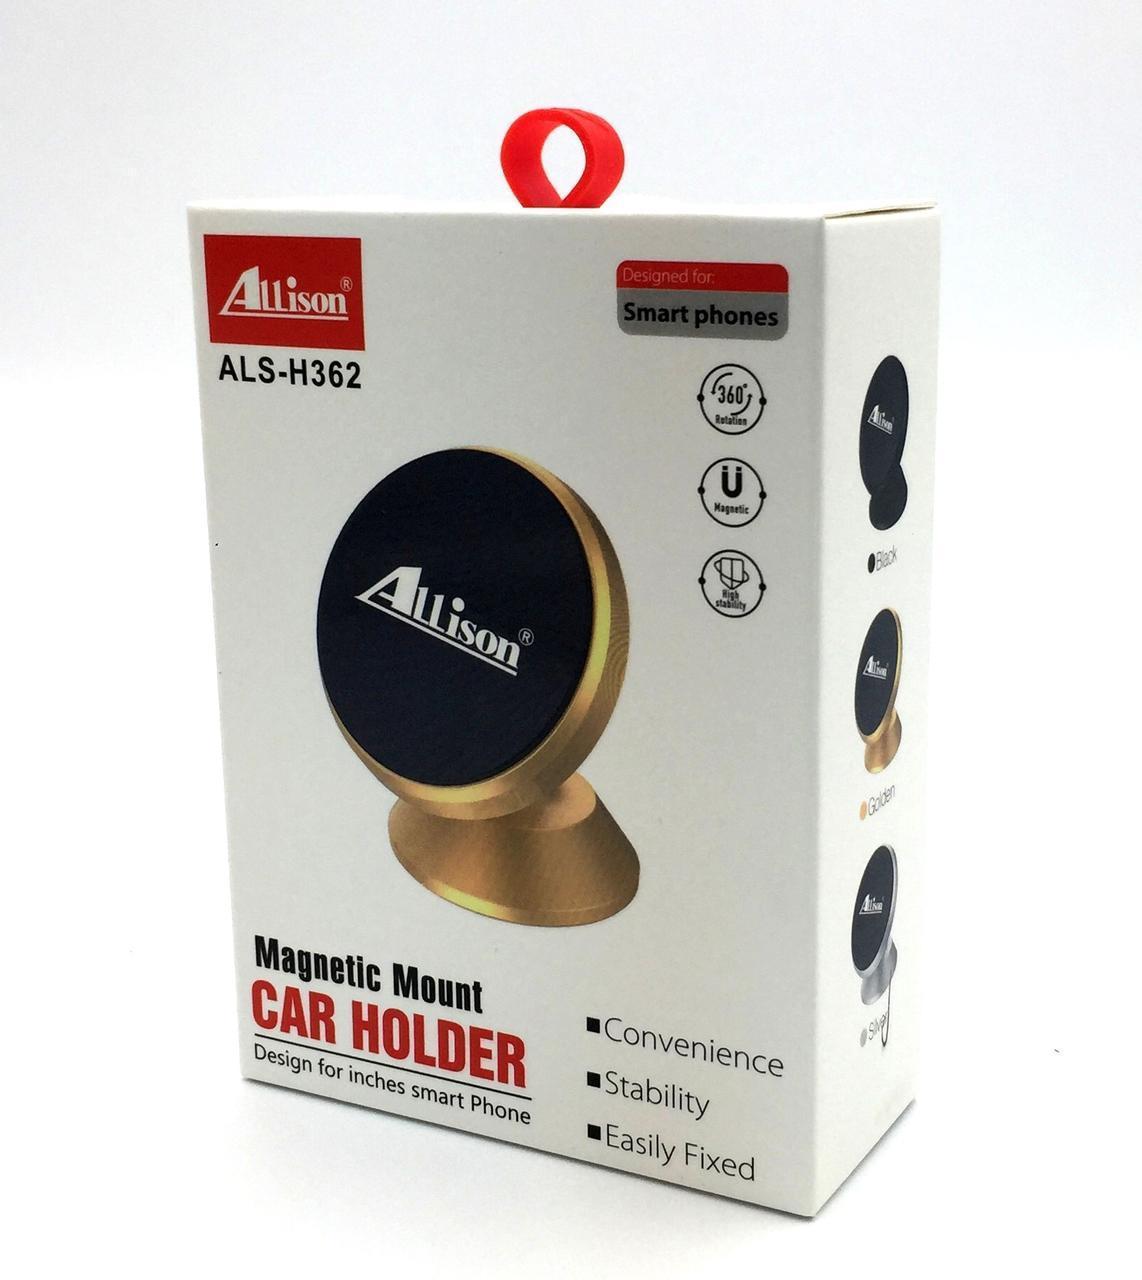 Магнитный автомобильный держатель Allison ALS-H362 Silver